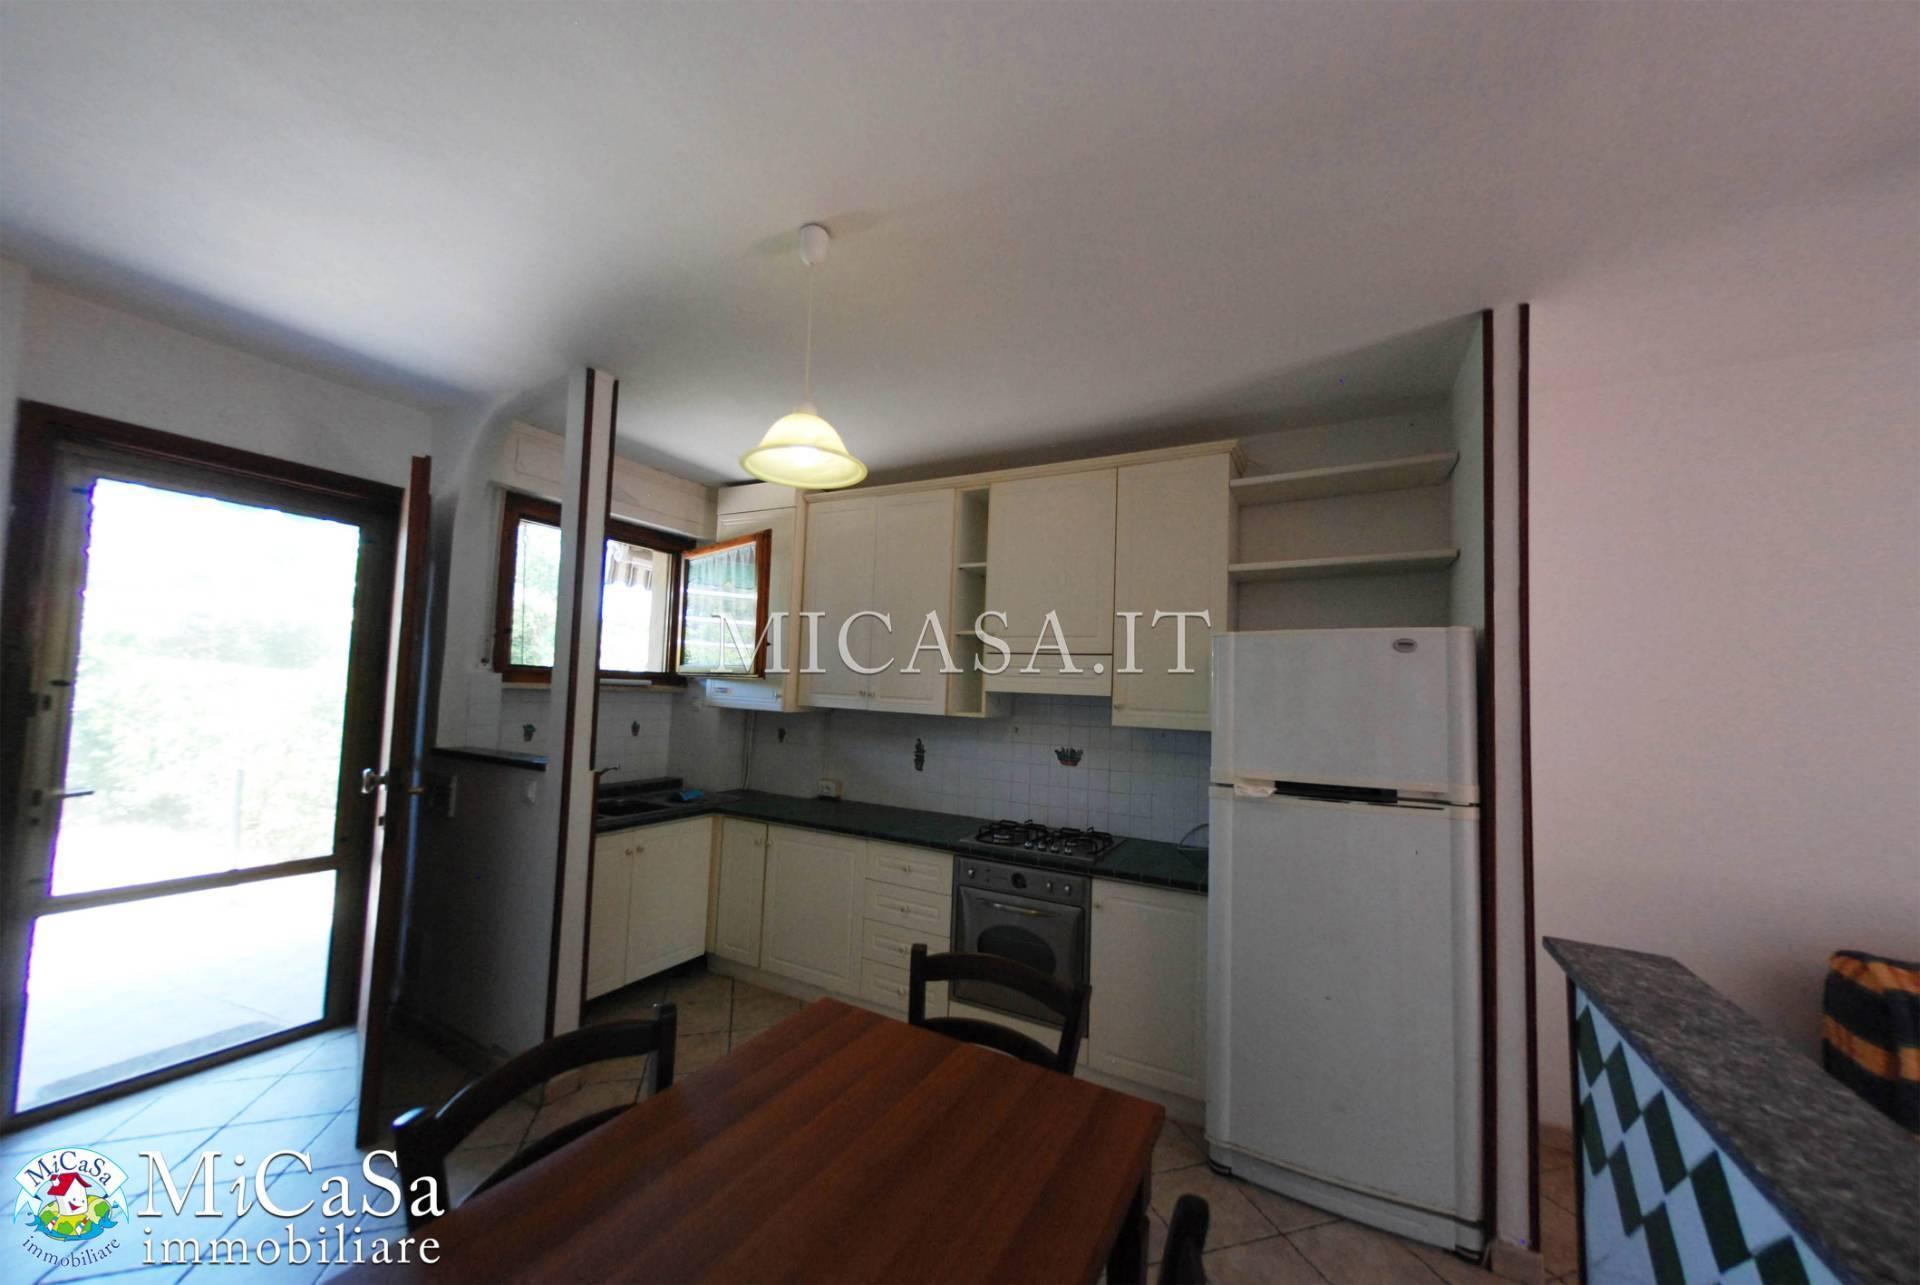 Appartamento in vendita a Pisa, 3 locali, zona Località: 1TIRRENIA, prezzo € 175.000 | CambioCasa.it